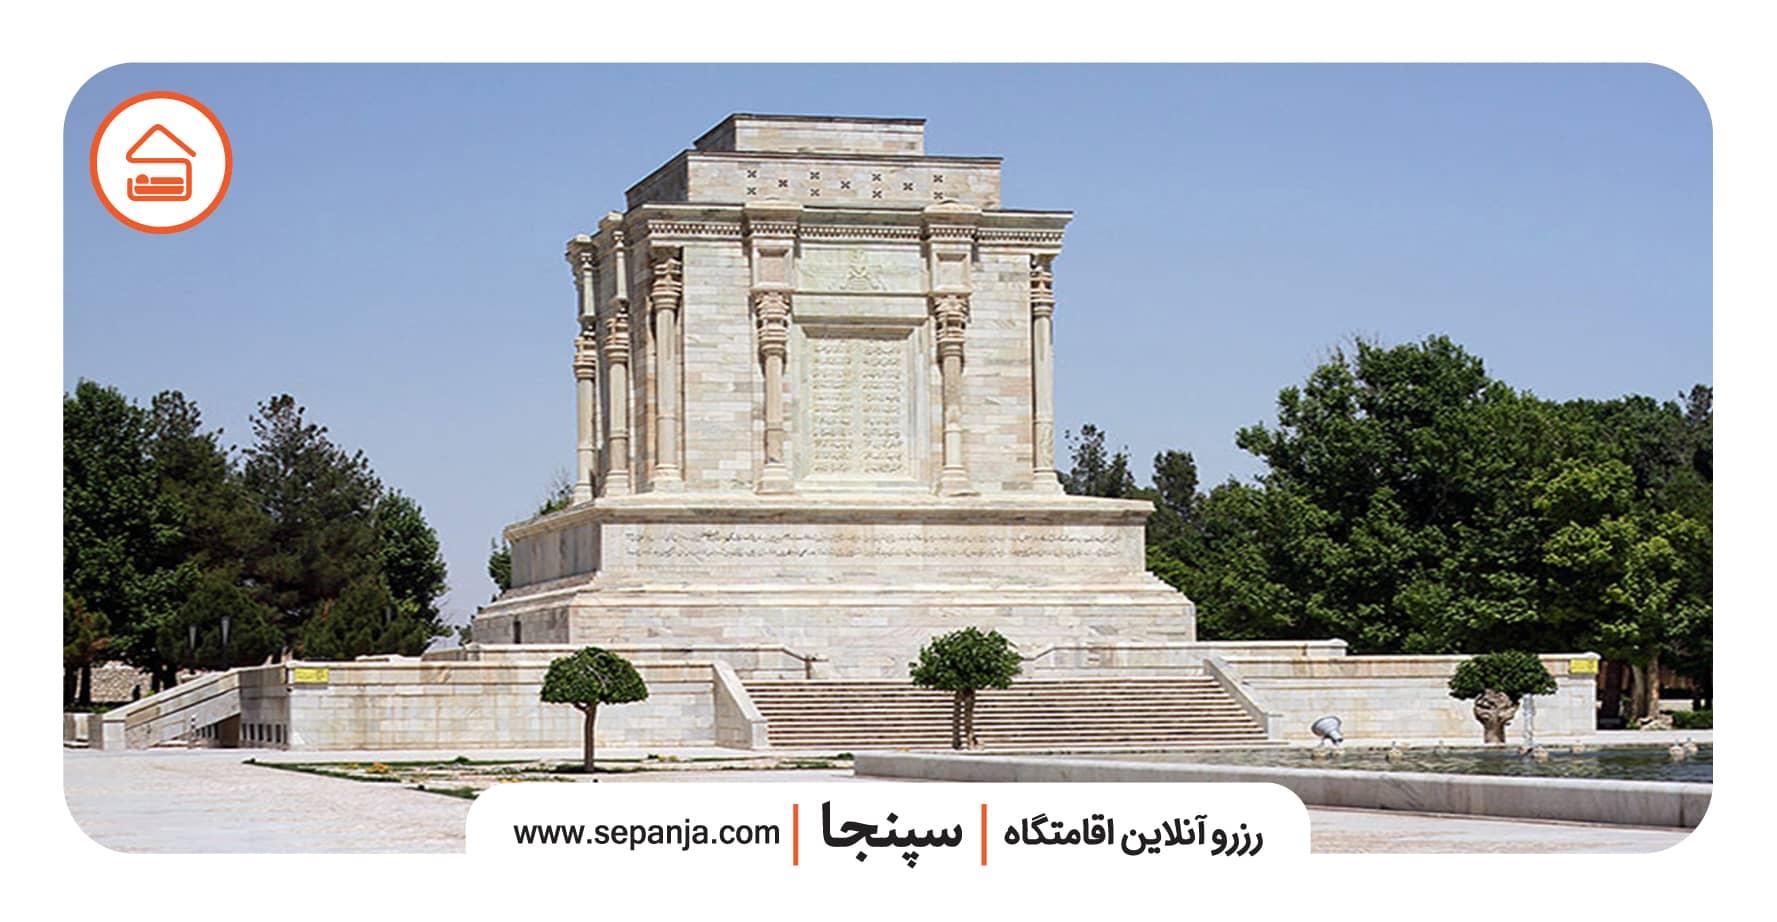 آرامگاه فردوسی و راهنمای سفر به مشهد